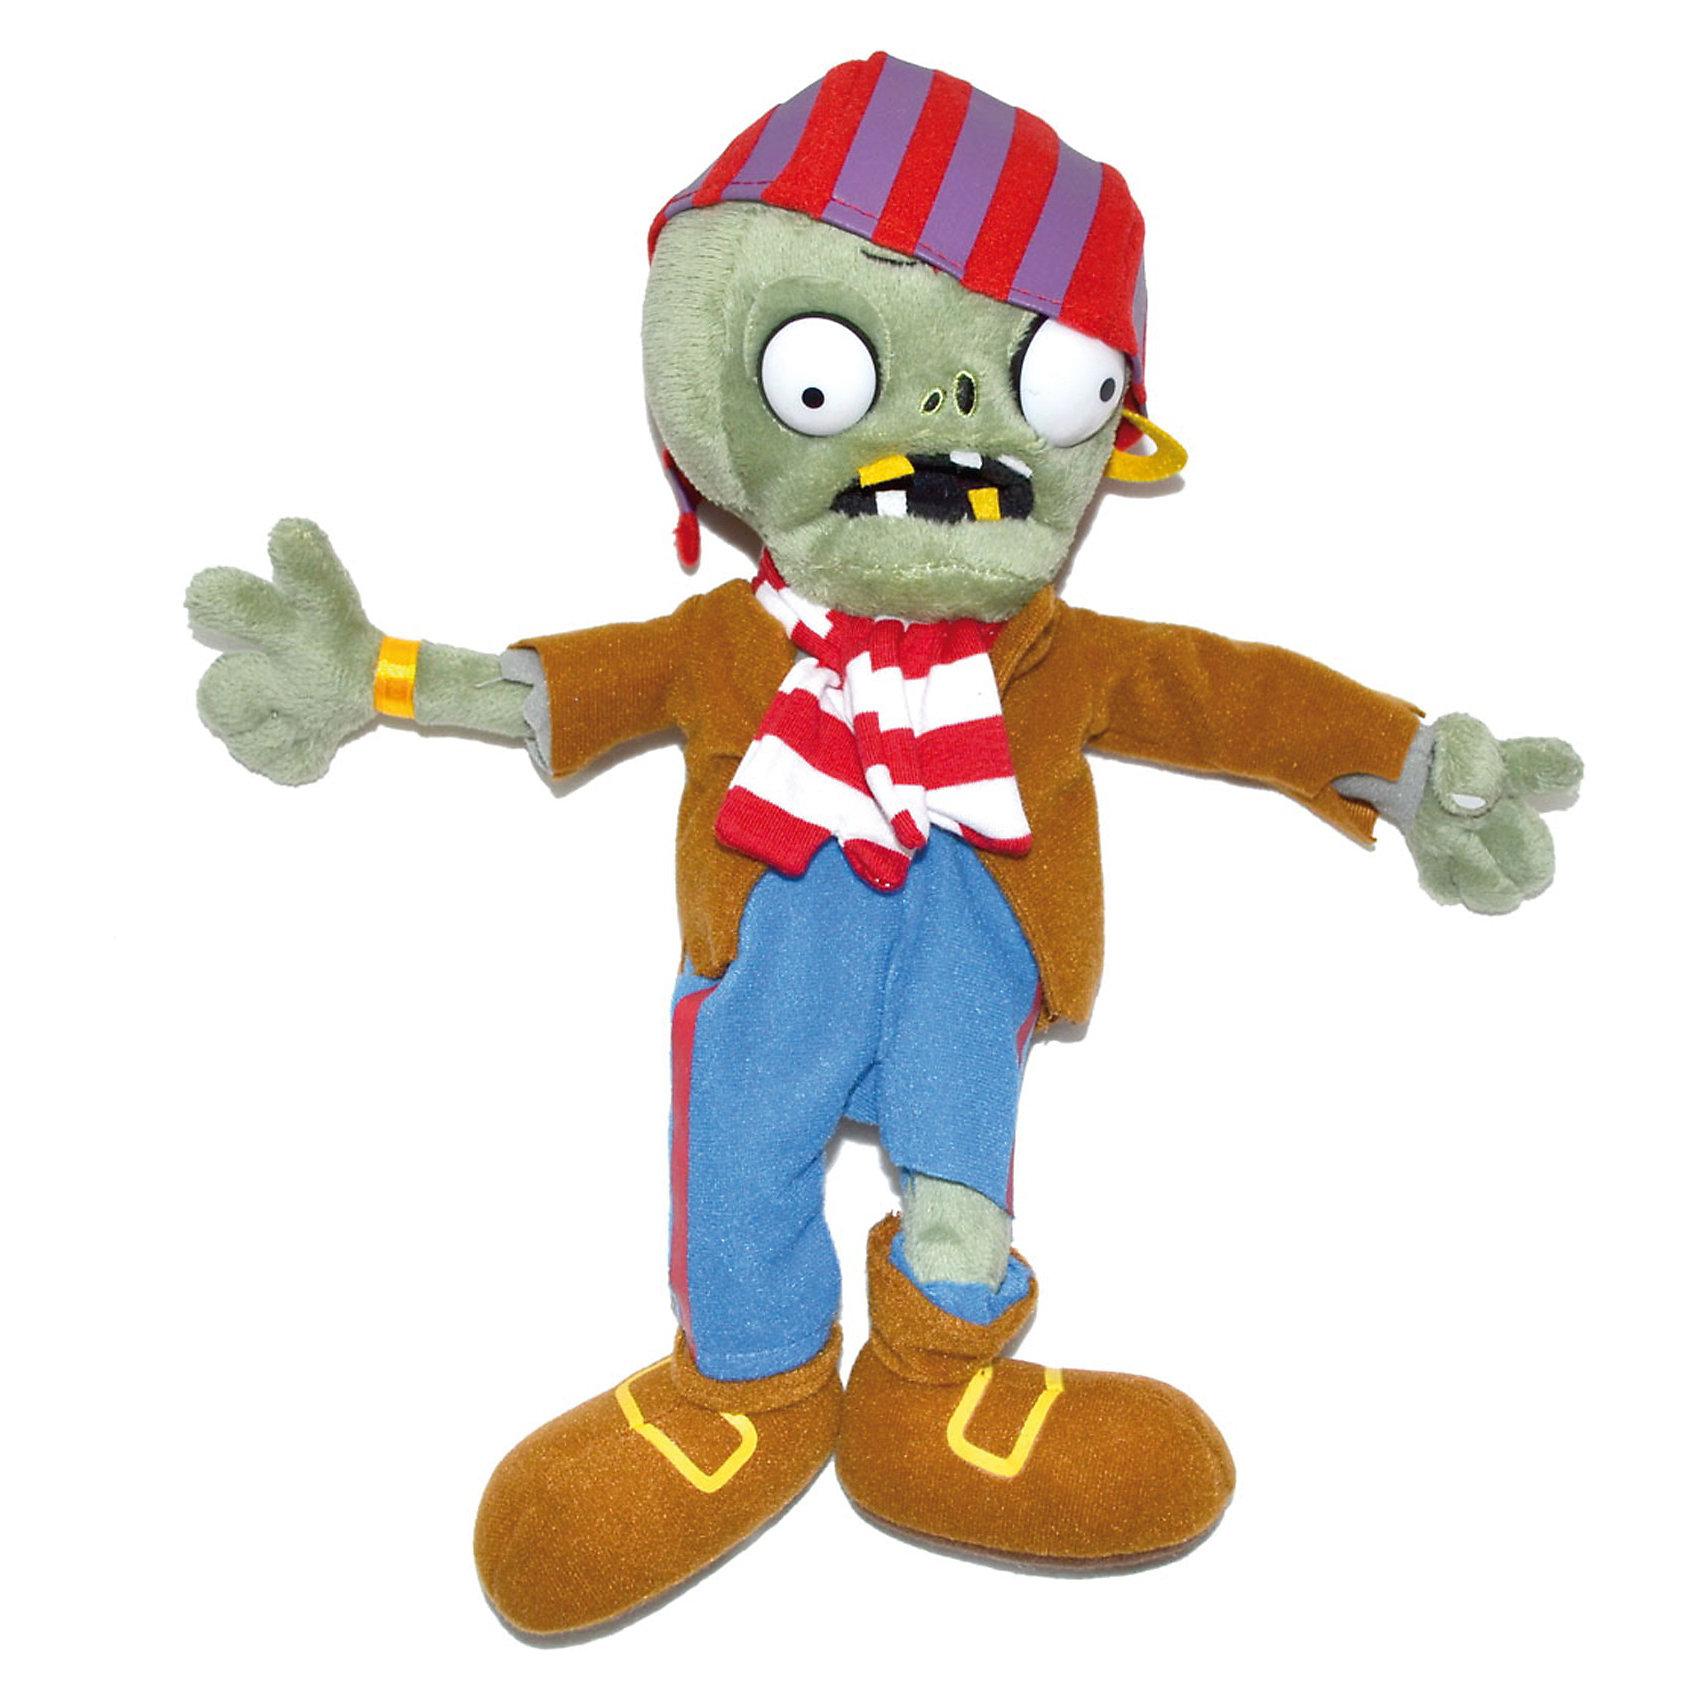 Плюшевая игрушка Зомби Пират, 30 см, Растения против ЗомбиСпециально для фанатов компьютерной игры Растения против Зомби, которая набирает все большую и большую популярность, компания Plants vs Zombies разработала целую линейку мягких игрушек по мотивам игры.  <br>Плюшевая игрушка Зомби Пират - это настоящий «must have» для фанатов Plants vs. Zombies, а также для всех поклонников зомби-культуры – даже тех, кто, хоть это и сложно себе представить, до сих пор не знаком со знаменитой игрой. Яркий и неповторимый персонаж украсит любую коллекцию мягких игрушек, а также просто станет веселым и необычным сувениром, поднимет настроение и взрослым, и детям! Игрушка представляет точную копию персонажа компьютерной игры. Выполненная из качественных материалов игрушка не содержит токсичных веществ и не вызывает аллергии. Наряд игрушки-зомби очень интересный и необычный, так как он одет в яркую, забавную пиратскую одежду с непременными атрибутами: серьгой и шляпой. Следует заметить, что такой сувенир будет приятен и взрослым людям, которые любят смотреть фильмы про зомби. Купив плюшевую игрушку «Зомби Пират» своему ребенку, можете быть уверенными в том, что он останется довольным и будет гордиться им. С ним можно играть как в помещении, так и на улице. Благодаря такой игрушке, у Вашего ребенка будет развиваться фантазия.<br><br>Дополнительная информация:<br><br>- Игрушка выполнена по мотивам популярной игры Растения против Зомби (Plants vs Zombies);<br>- Прекрасный подарок, как для взрослого, так и для ребенка;<br>- Материал: искусственный мех, текстиль, силикон, пластиковые элементы;<br>- Высота игрушки: 30 см;<br>- Размер упаковки: 30 х 14 х 7 см;<br>- Вес: 160г<br><br>Плюшевую игрушку Зомби Пират 30 см, можно купить в нашем интернет-магазине.<br><br>Ширина мм: 300<br>Глубина мм: 140<br>Высота мм: 70<br>Вес г: 160<br>Возраст от месяцев: 36<br>Возраст до месяцев: 2147483647<br>Пол: Унисекс<br>Возраст: Детский<br>SKU: 3650806